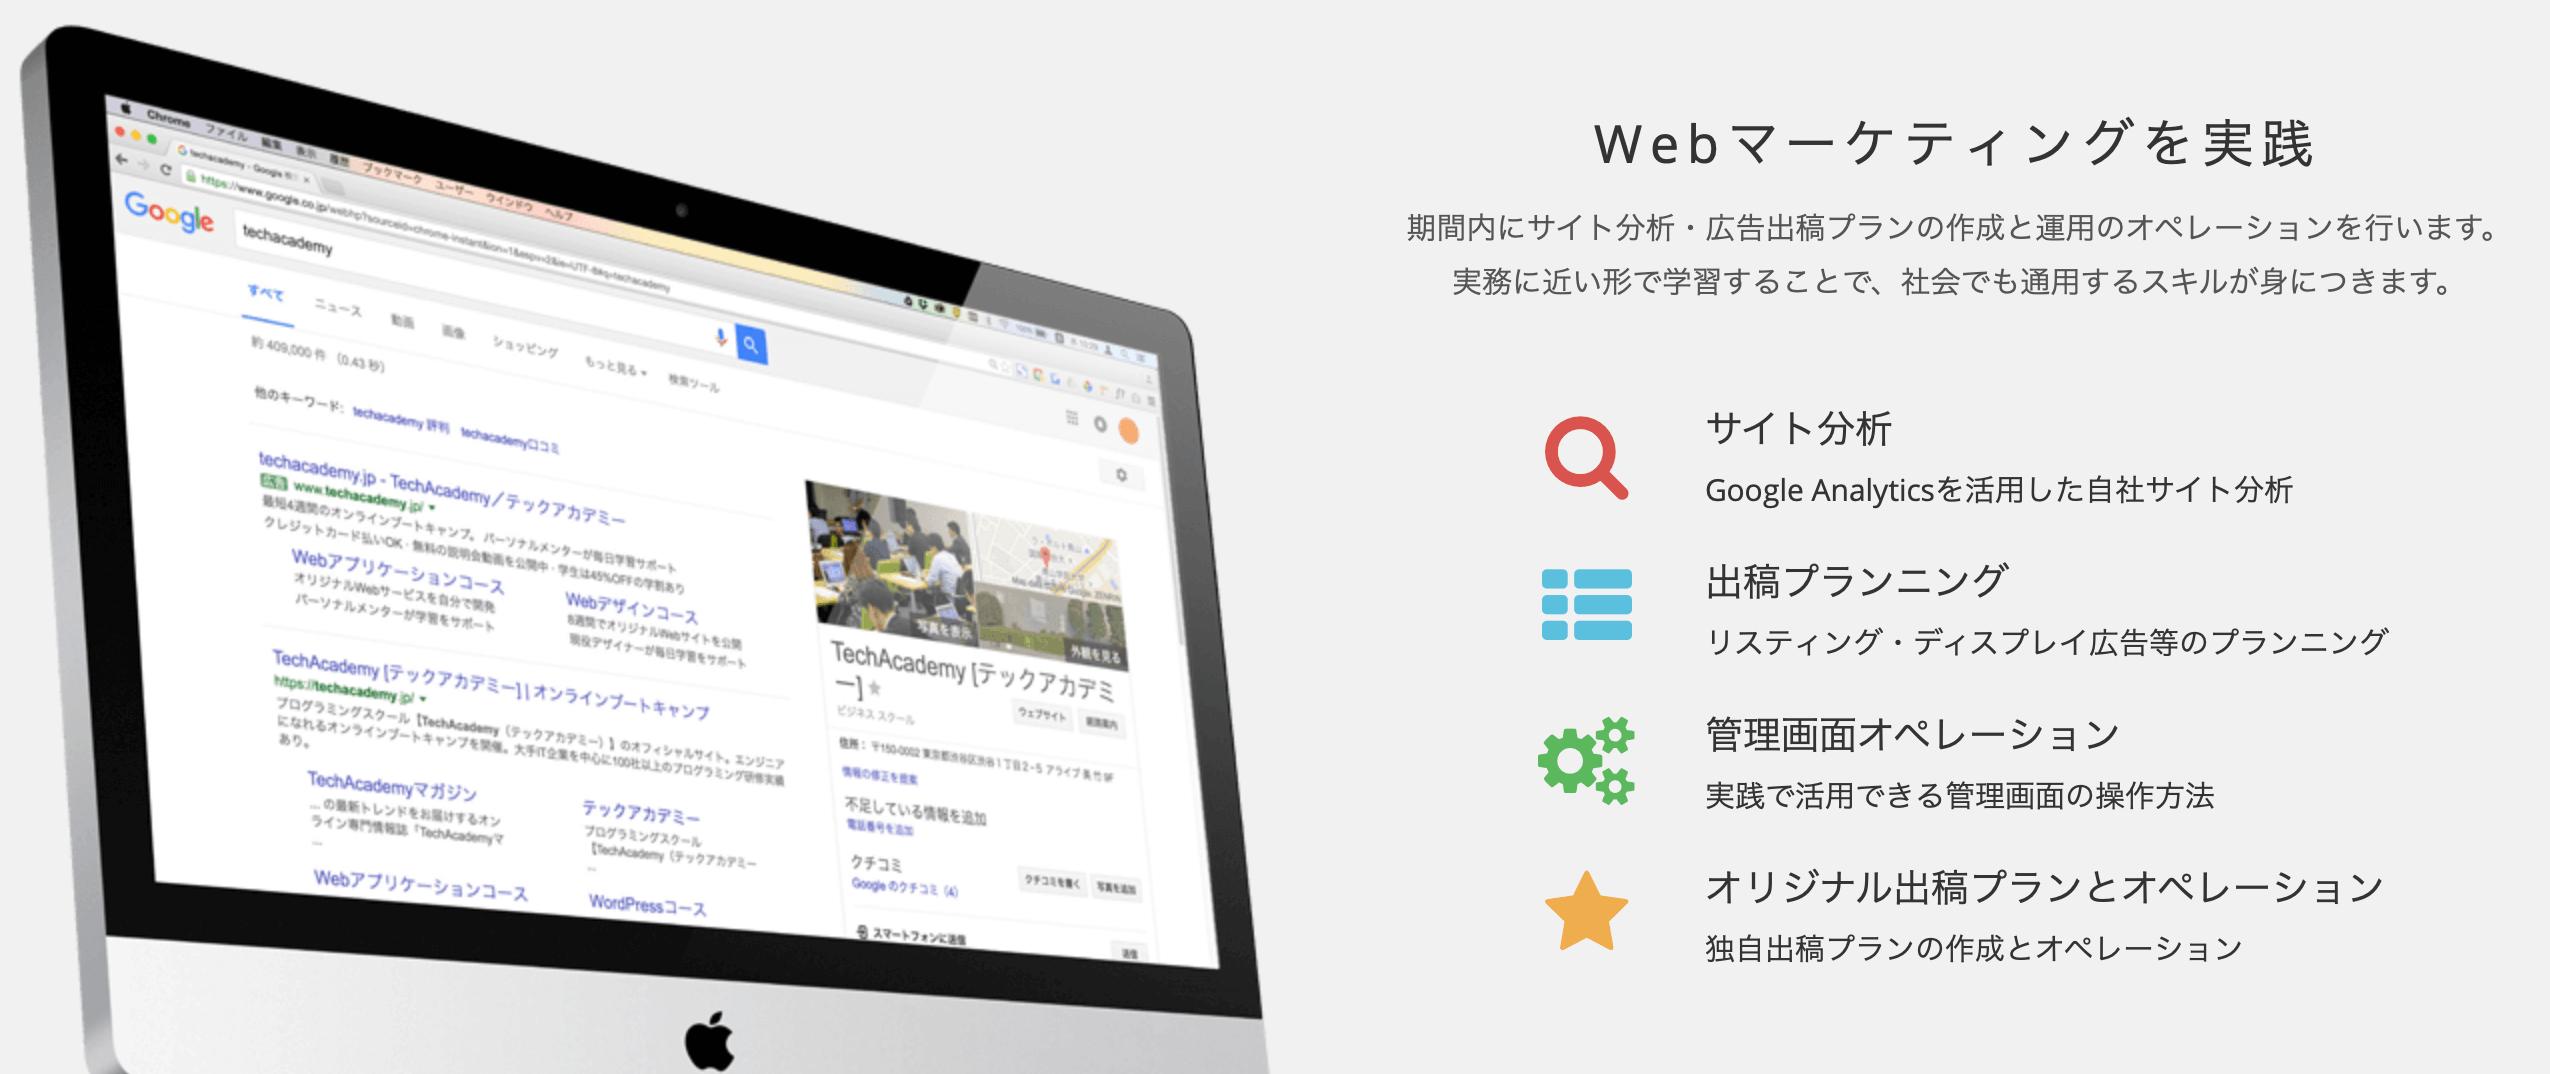 おすすめのWebマーケティングスクール4つ【転職支援付き、オンライン講座など用途別で厳選】